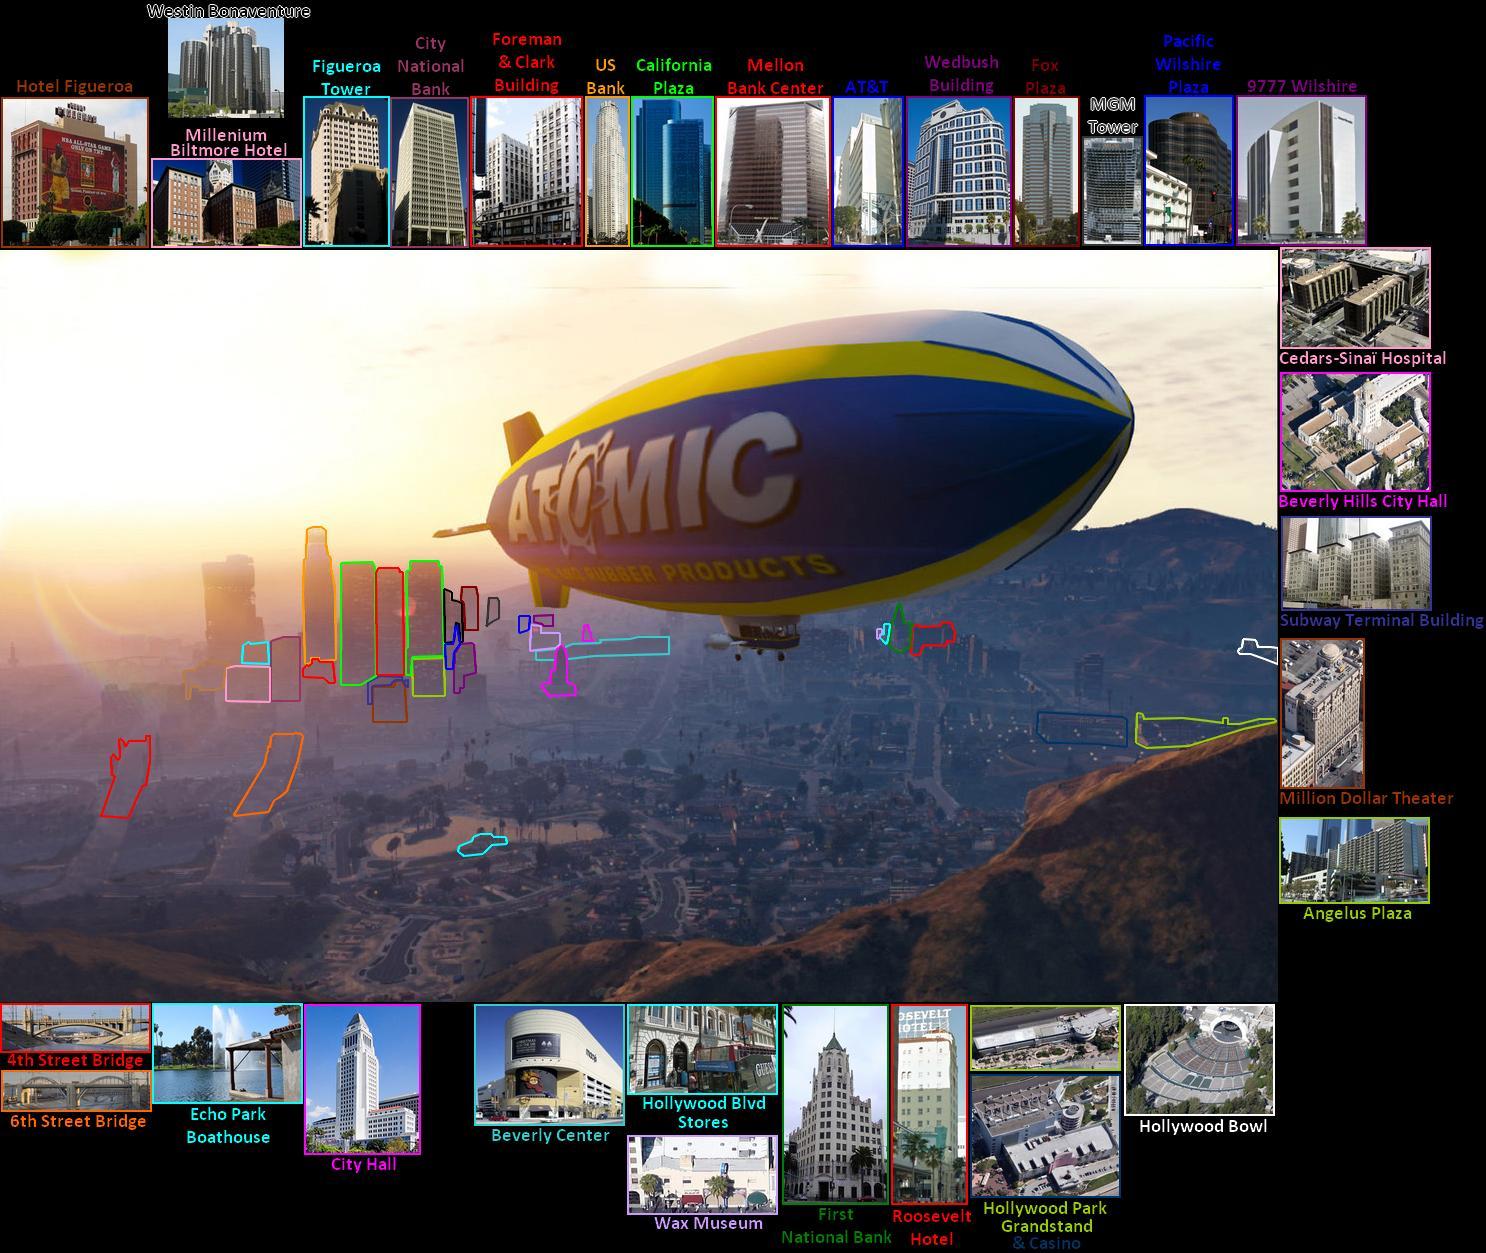 La burbuja inmobiliaria llega a las videoconsolas con gta v idealista news